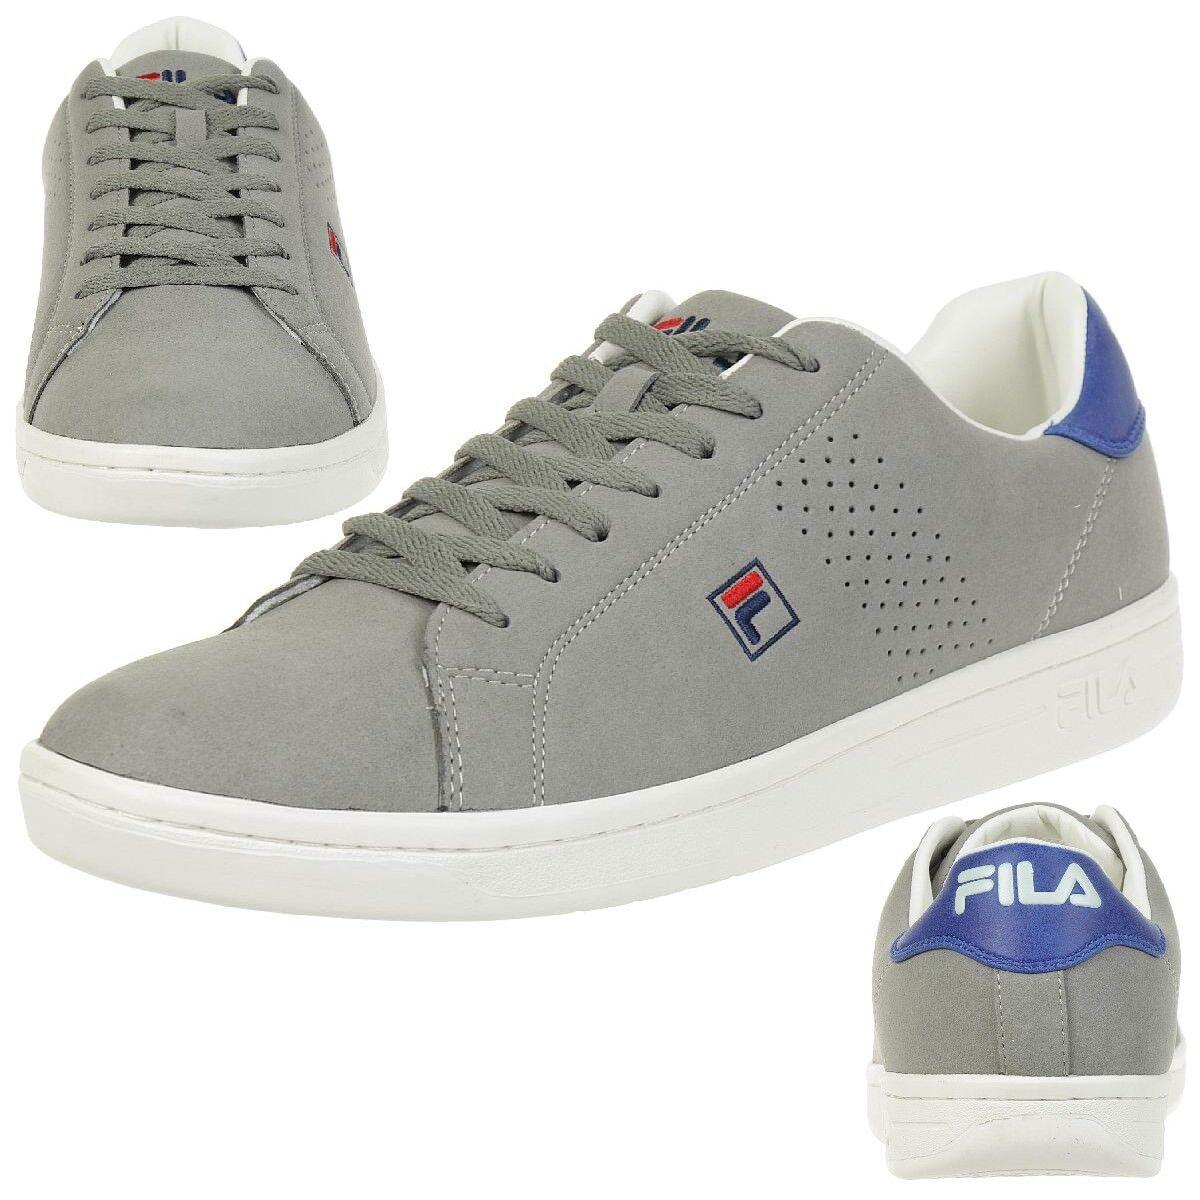 Fila Crosscourt 2 Low Zapatillas Gris/Violeta Zapatos Hombre